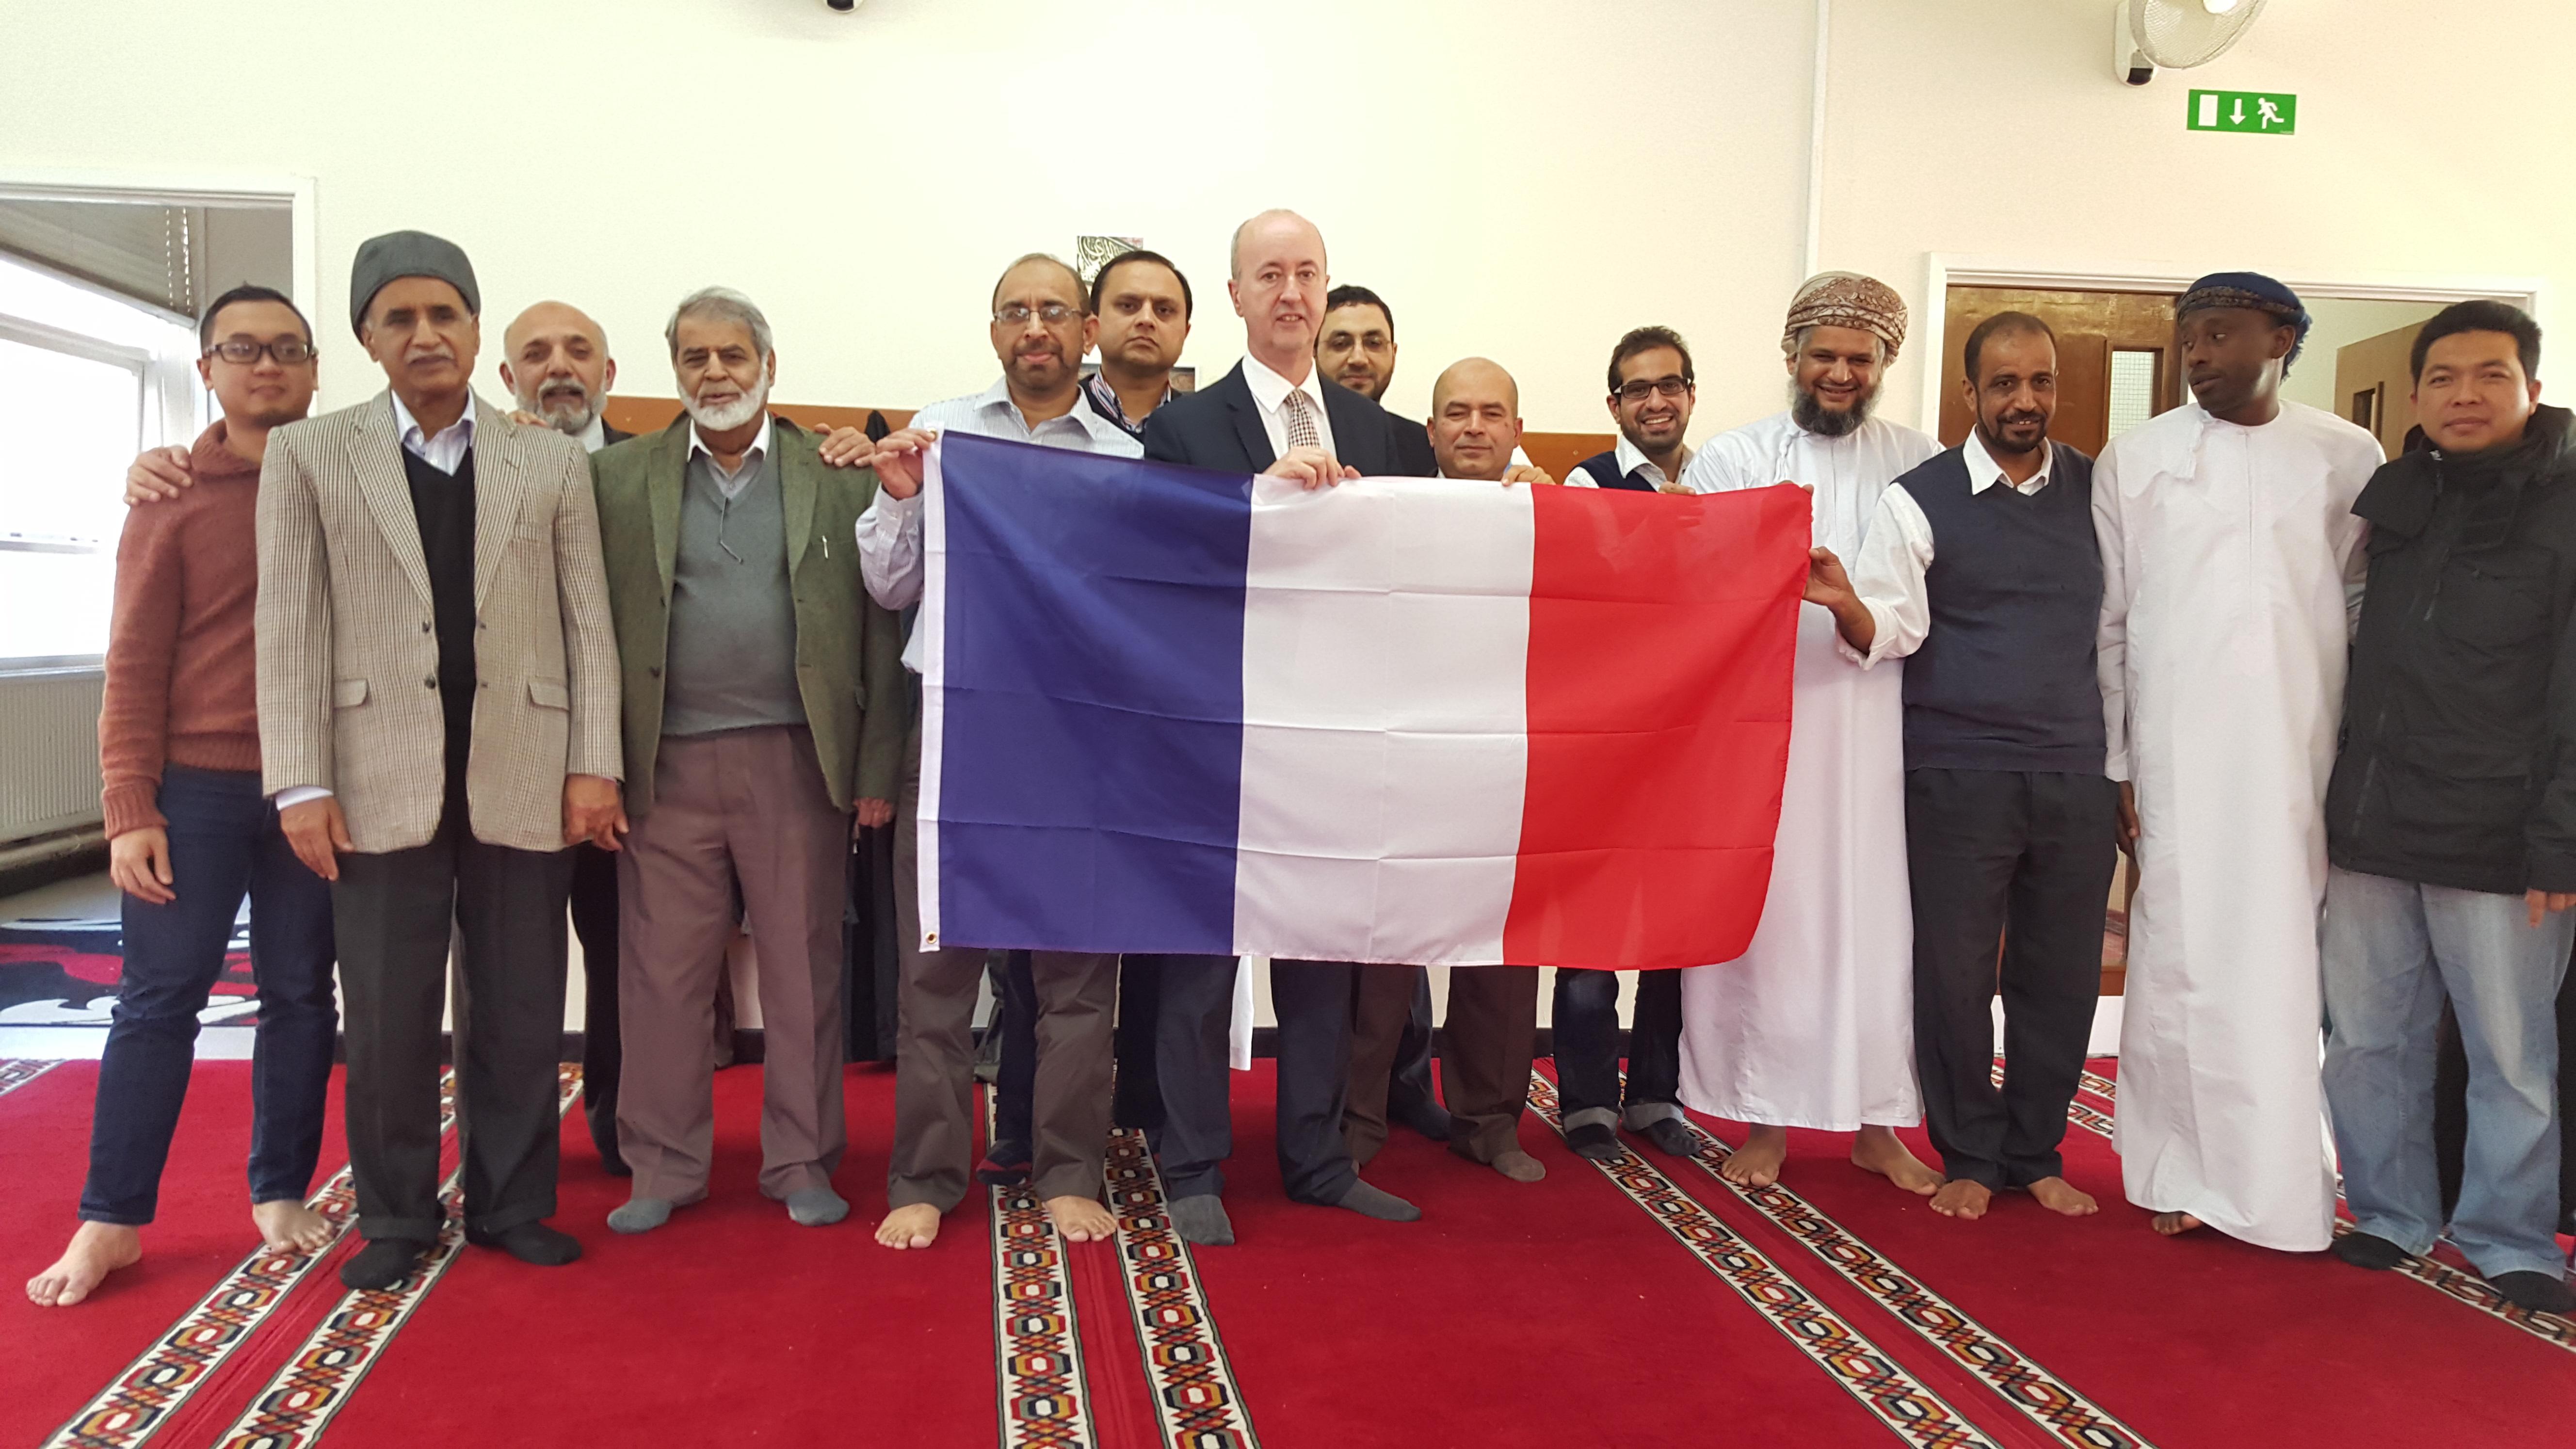 Geraint_with_Muslims_3.jpg